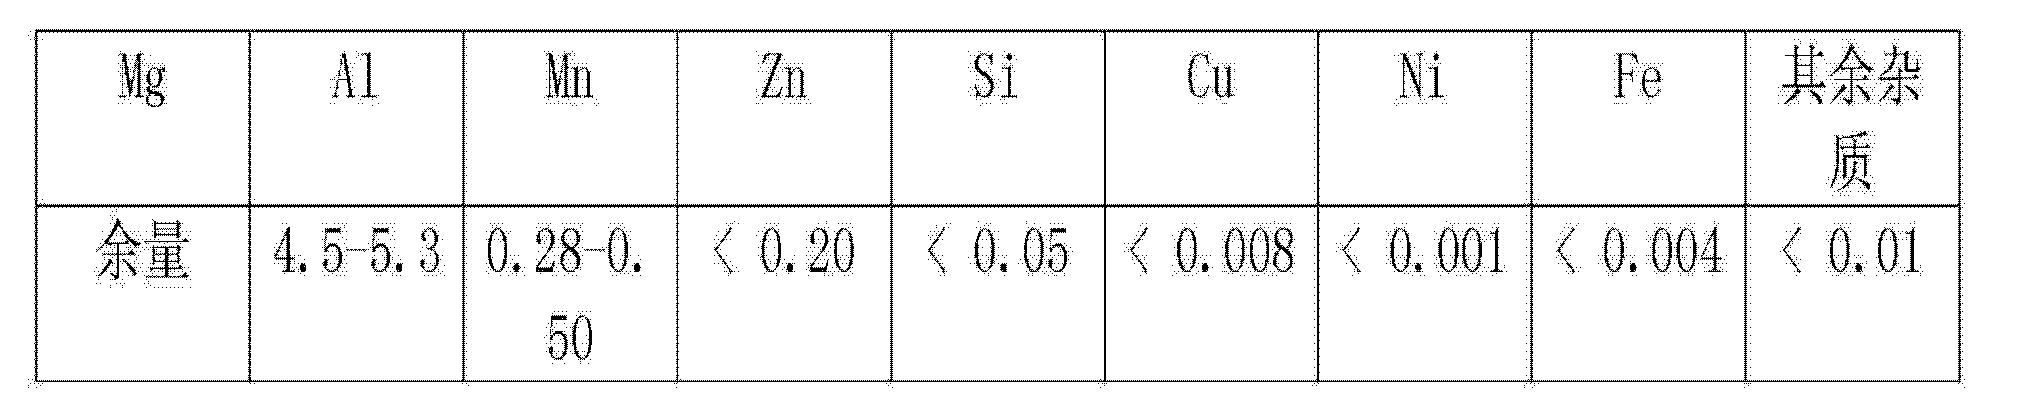 Figure CN103302454BD00062